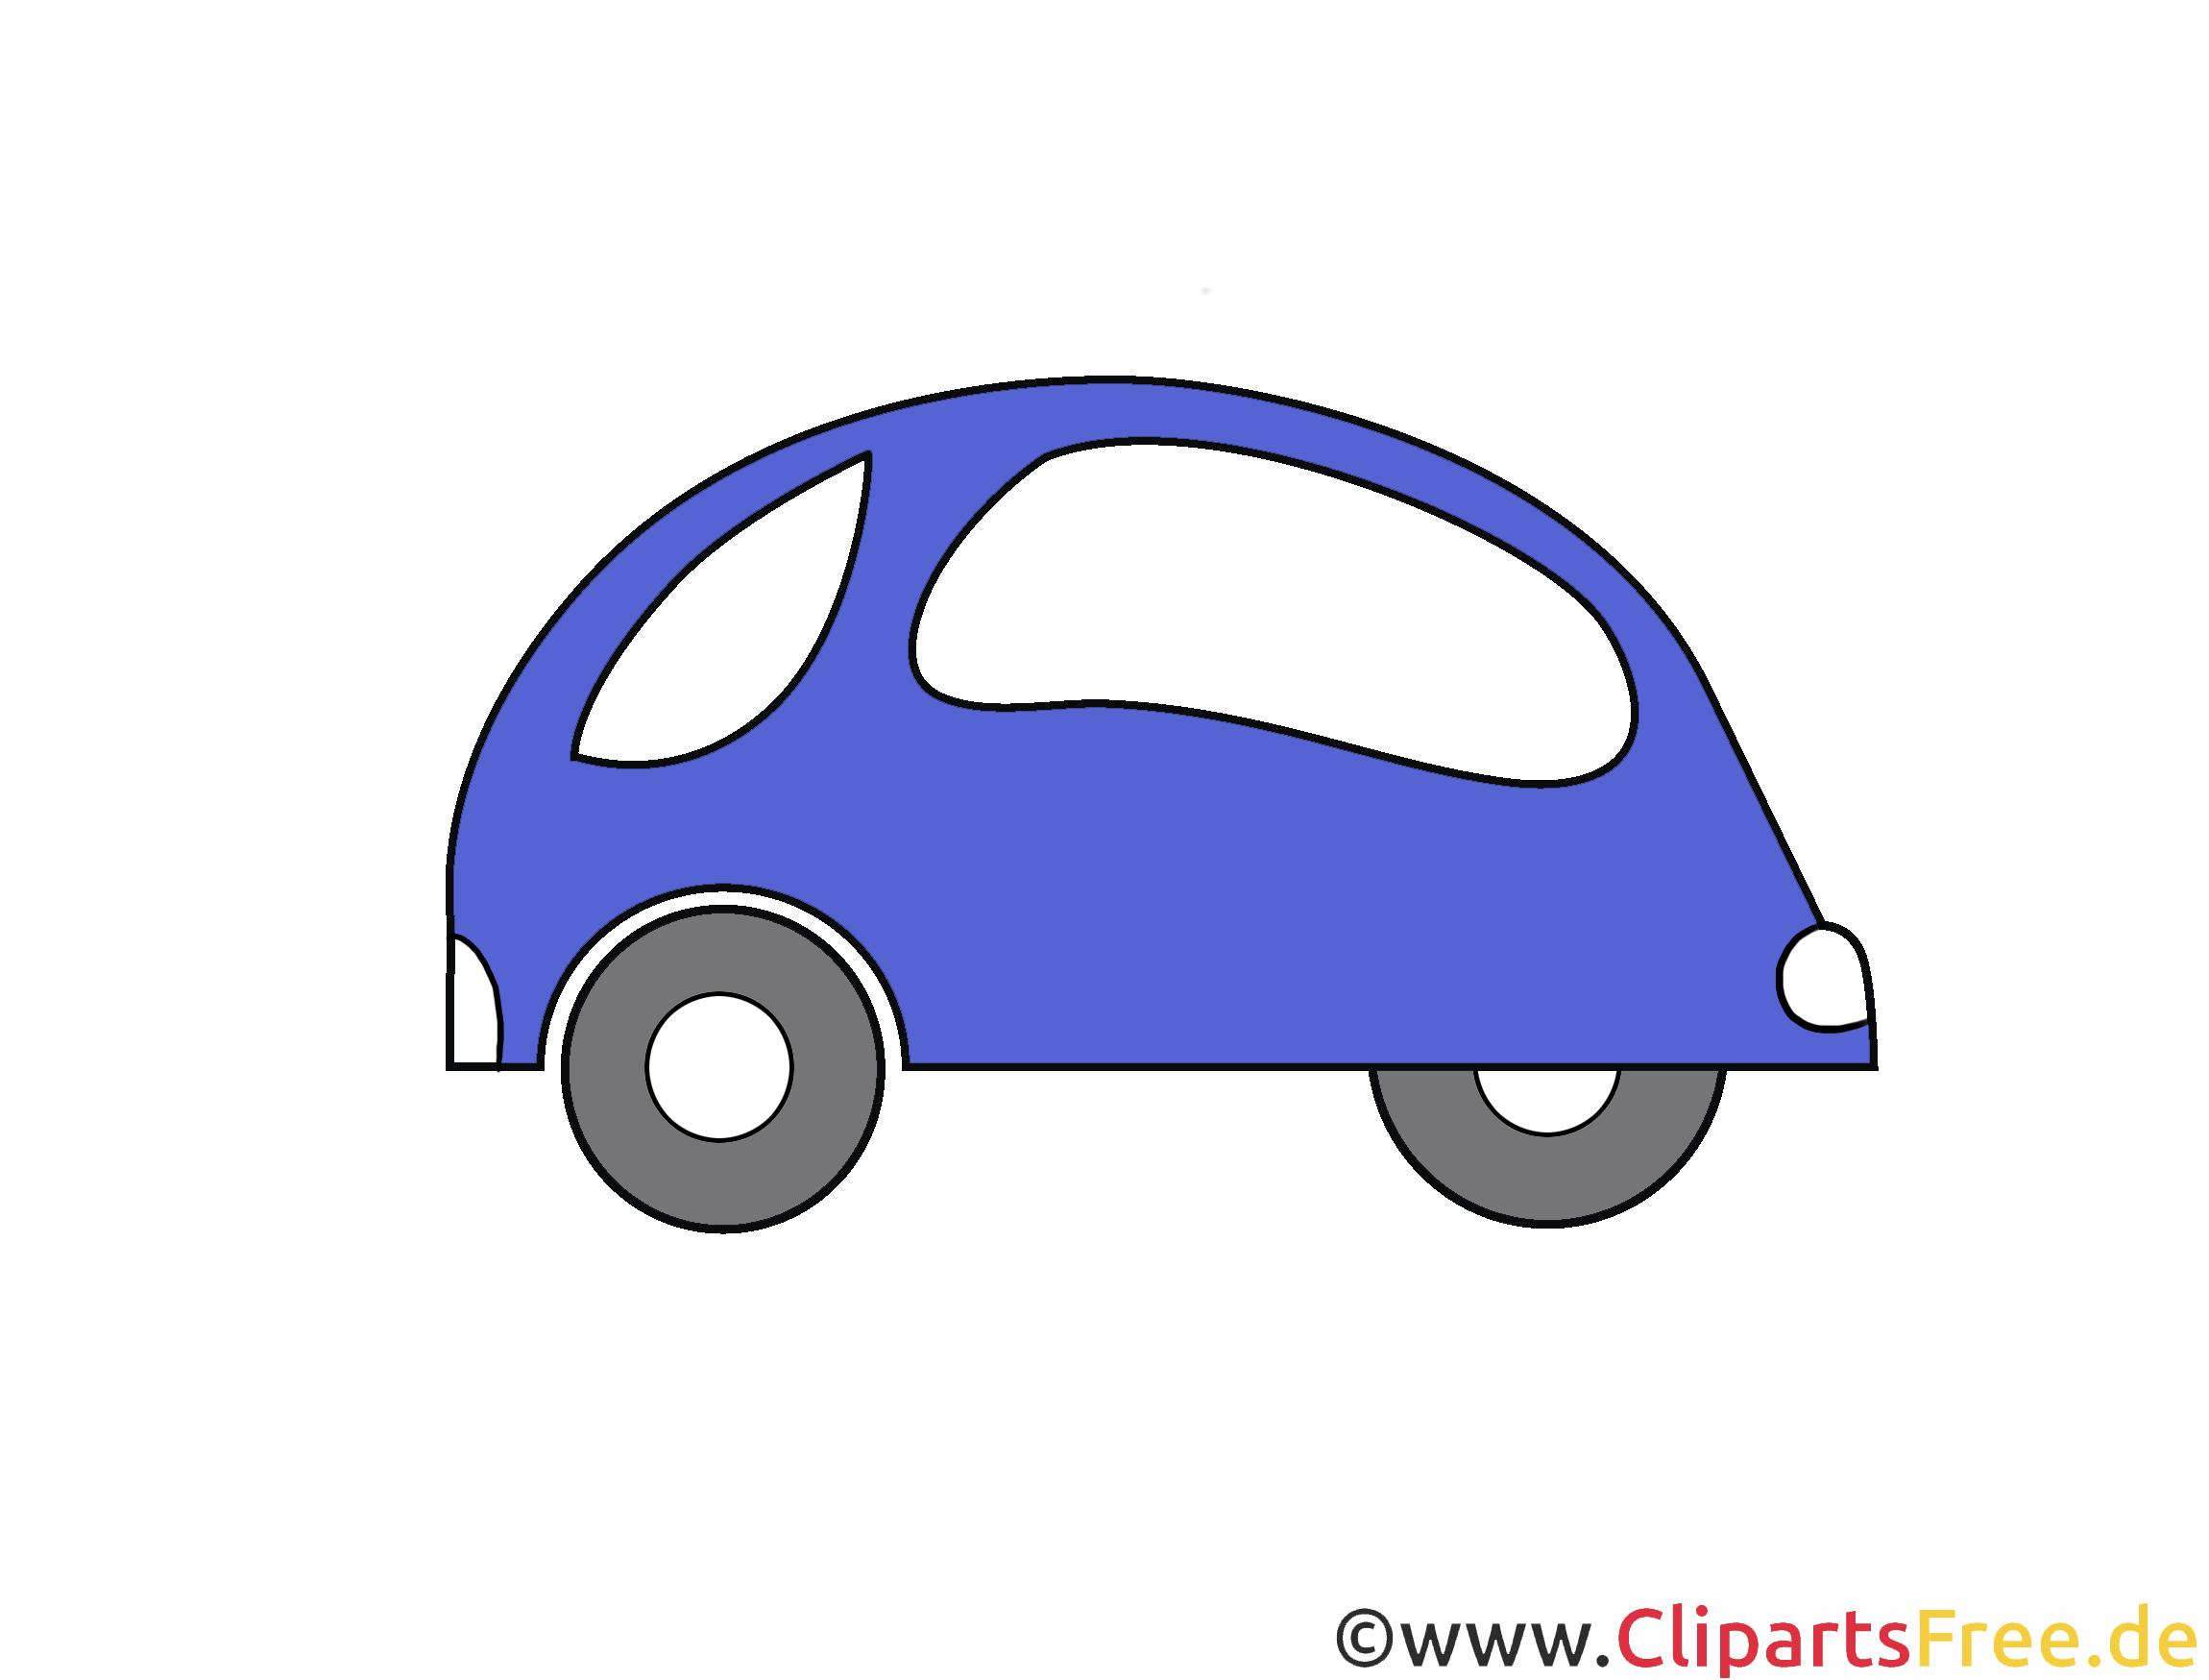 Personenkraftwagen Clipart, Illustration, Bild kostenlos